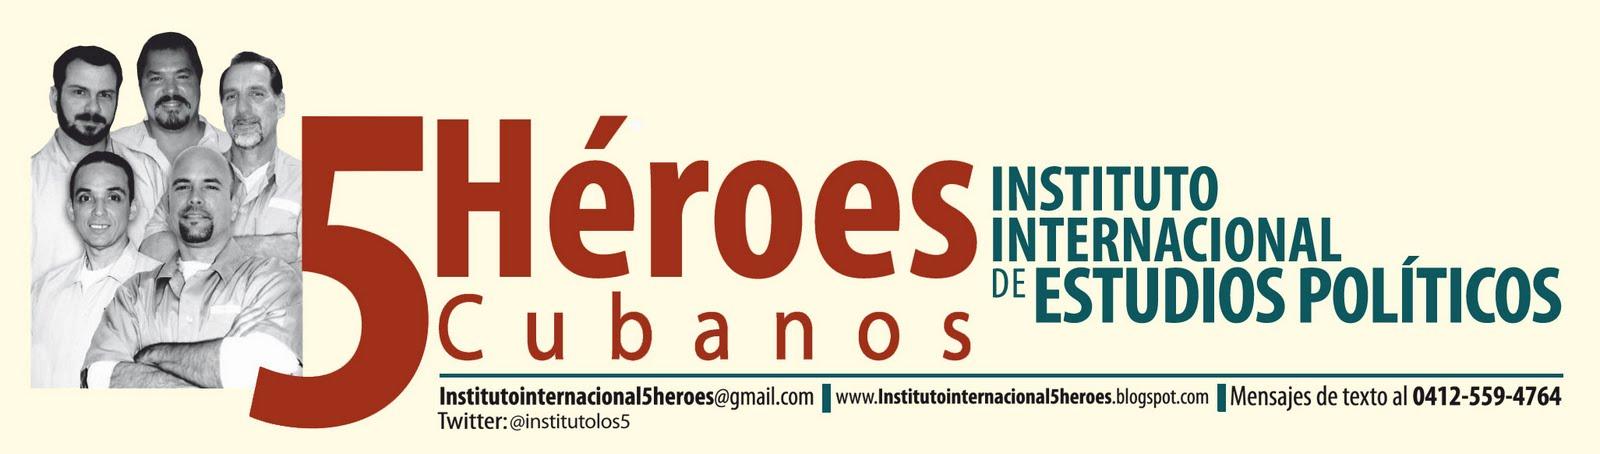 Instituto Internacional de Estudios Políticos 5 Hé